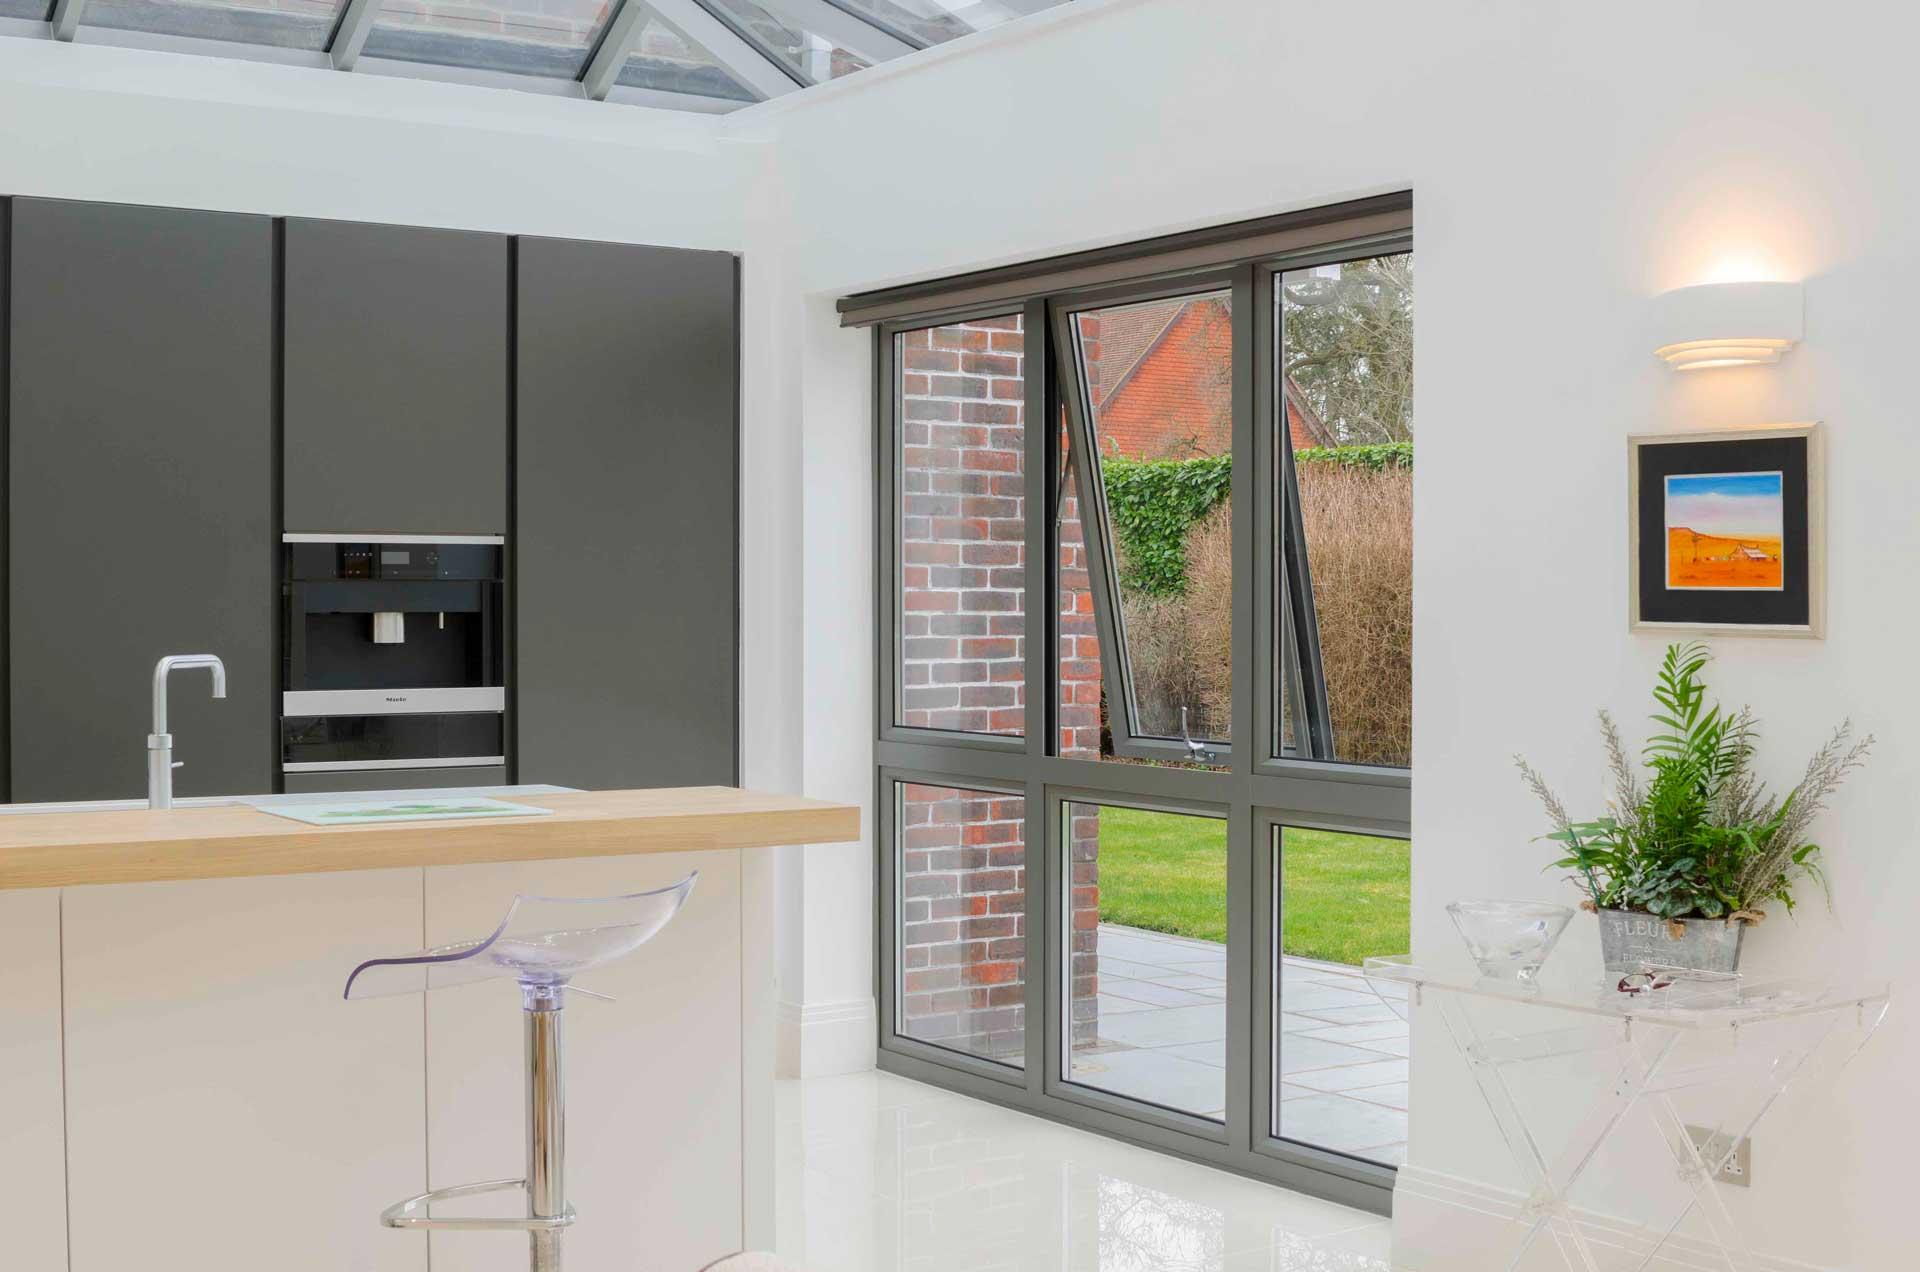 aluminium windows cost stratford upon avon